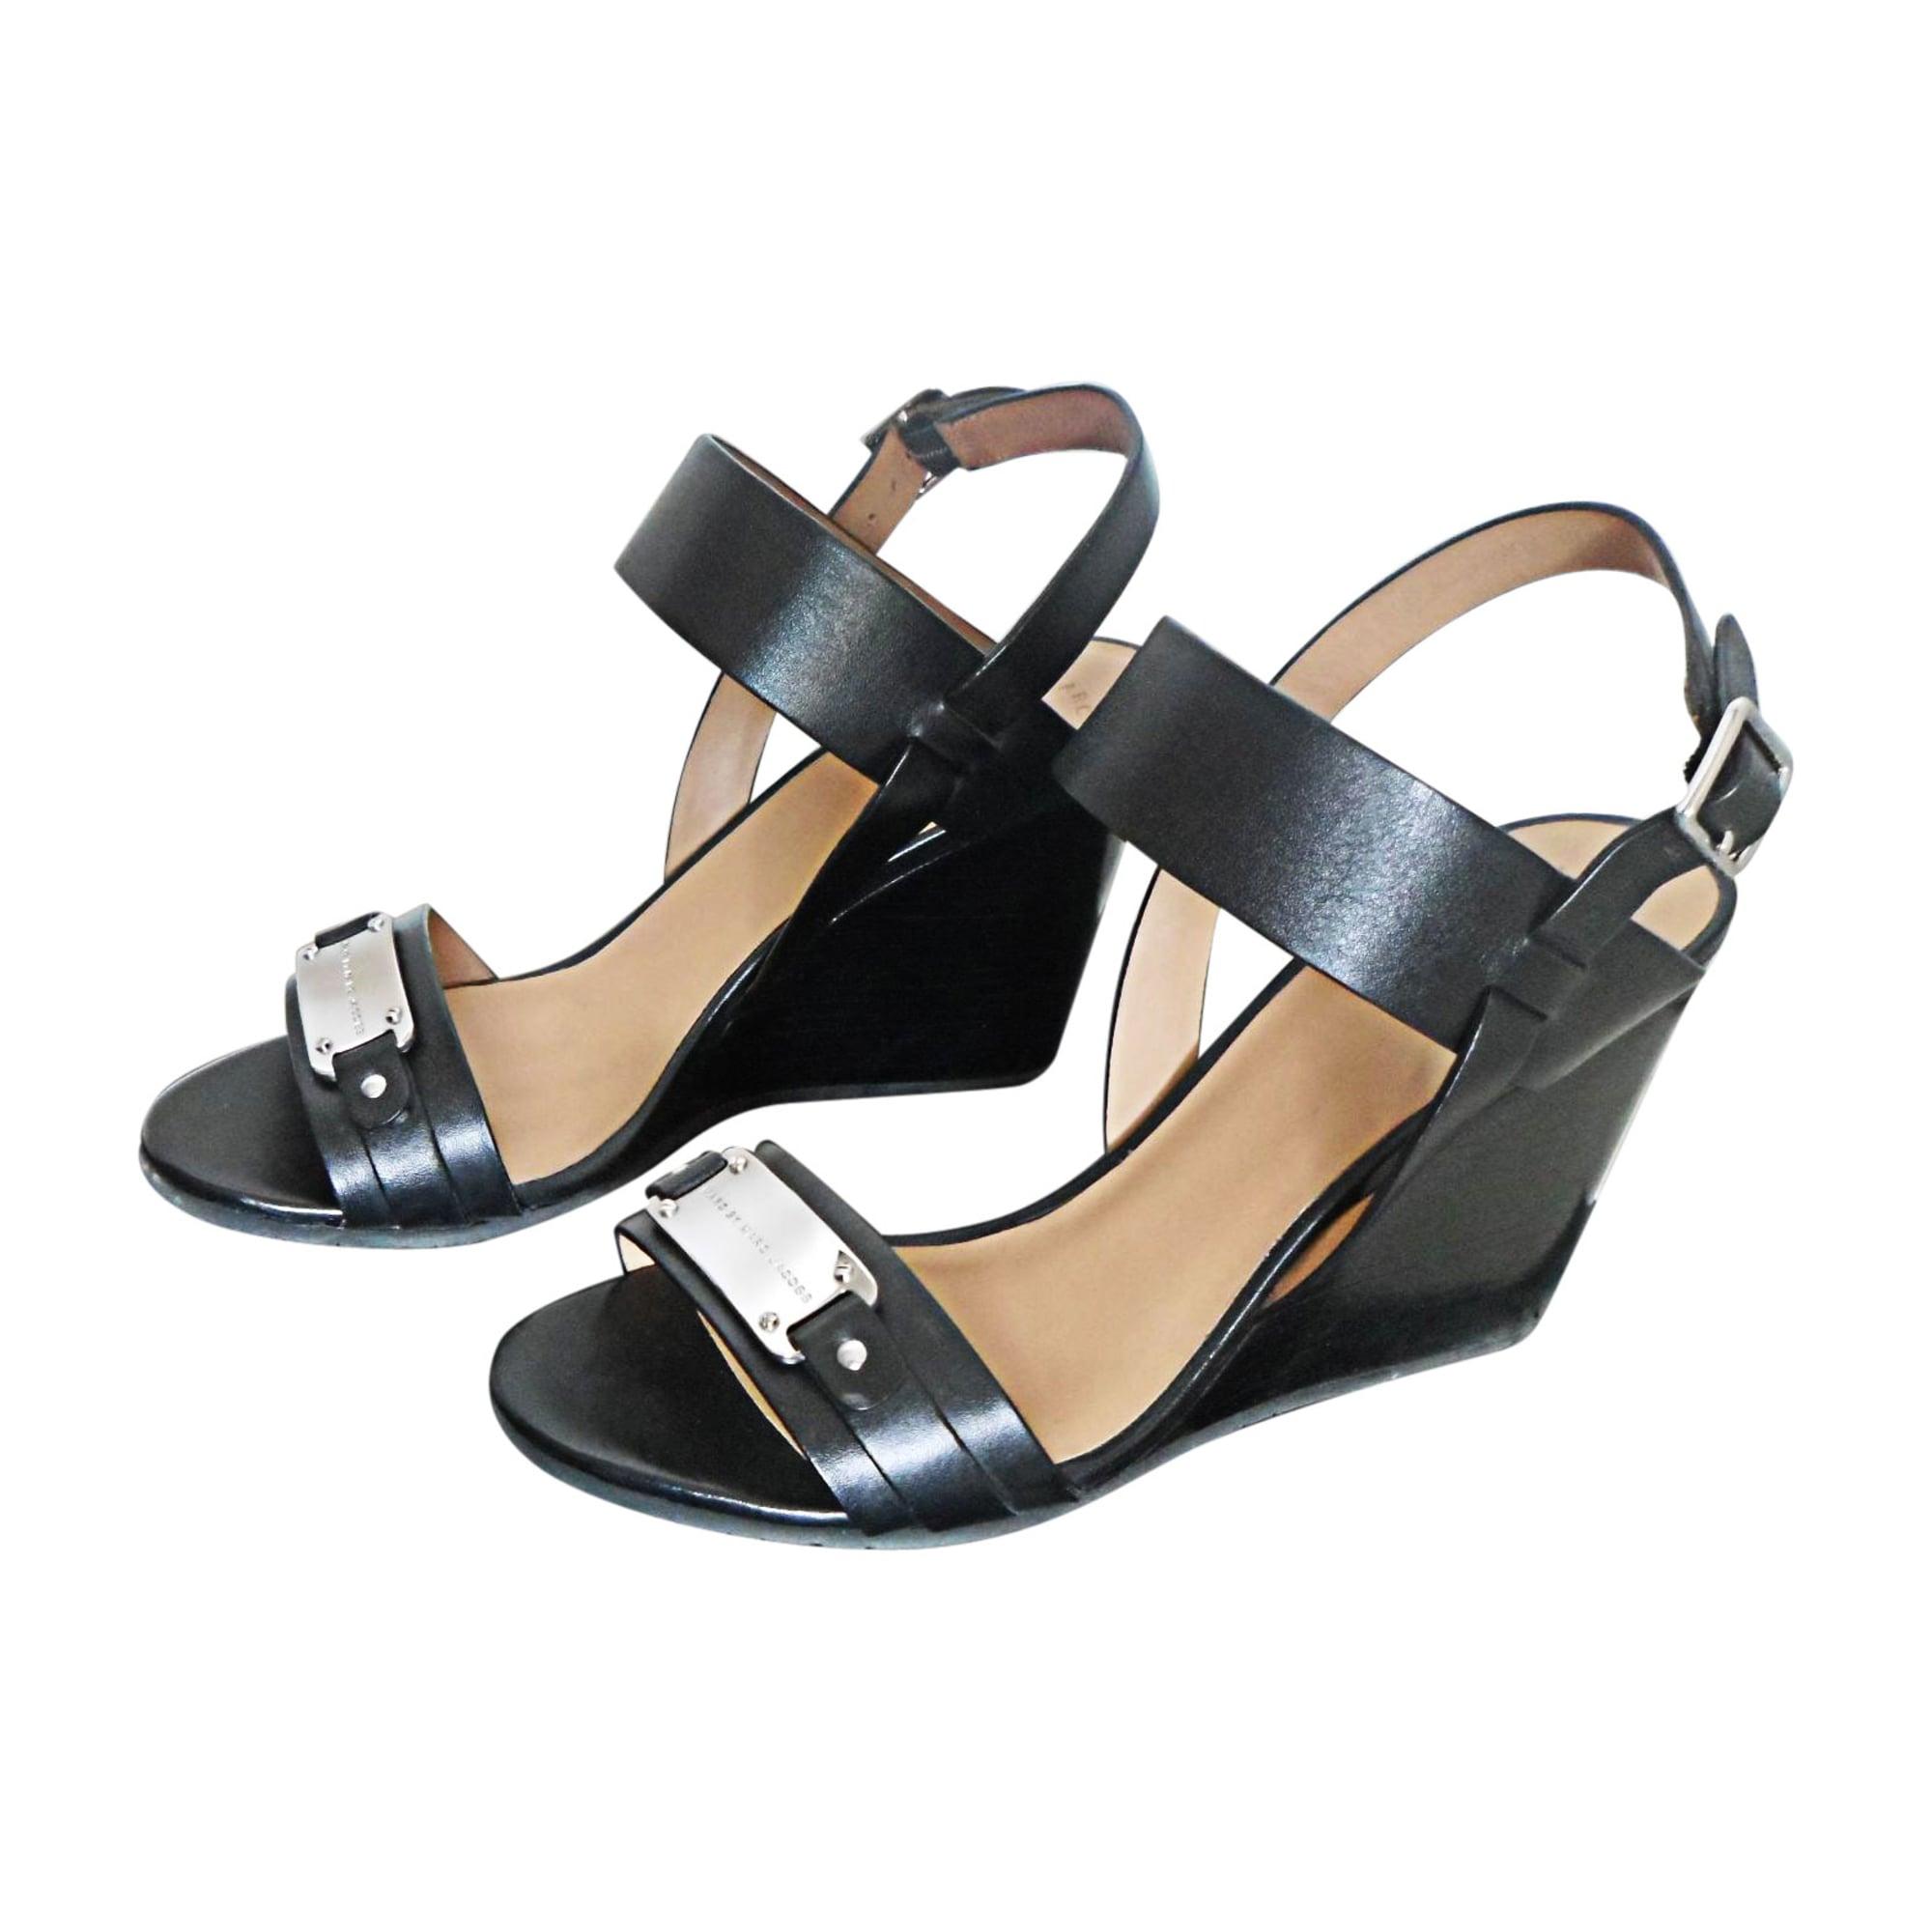 Sandales compensées MARC JACOBS 37 noir - 7926285 0d33bd7362f